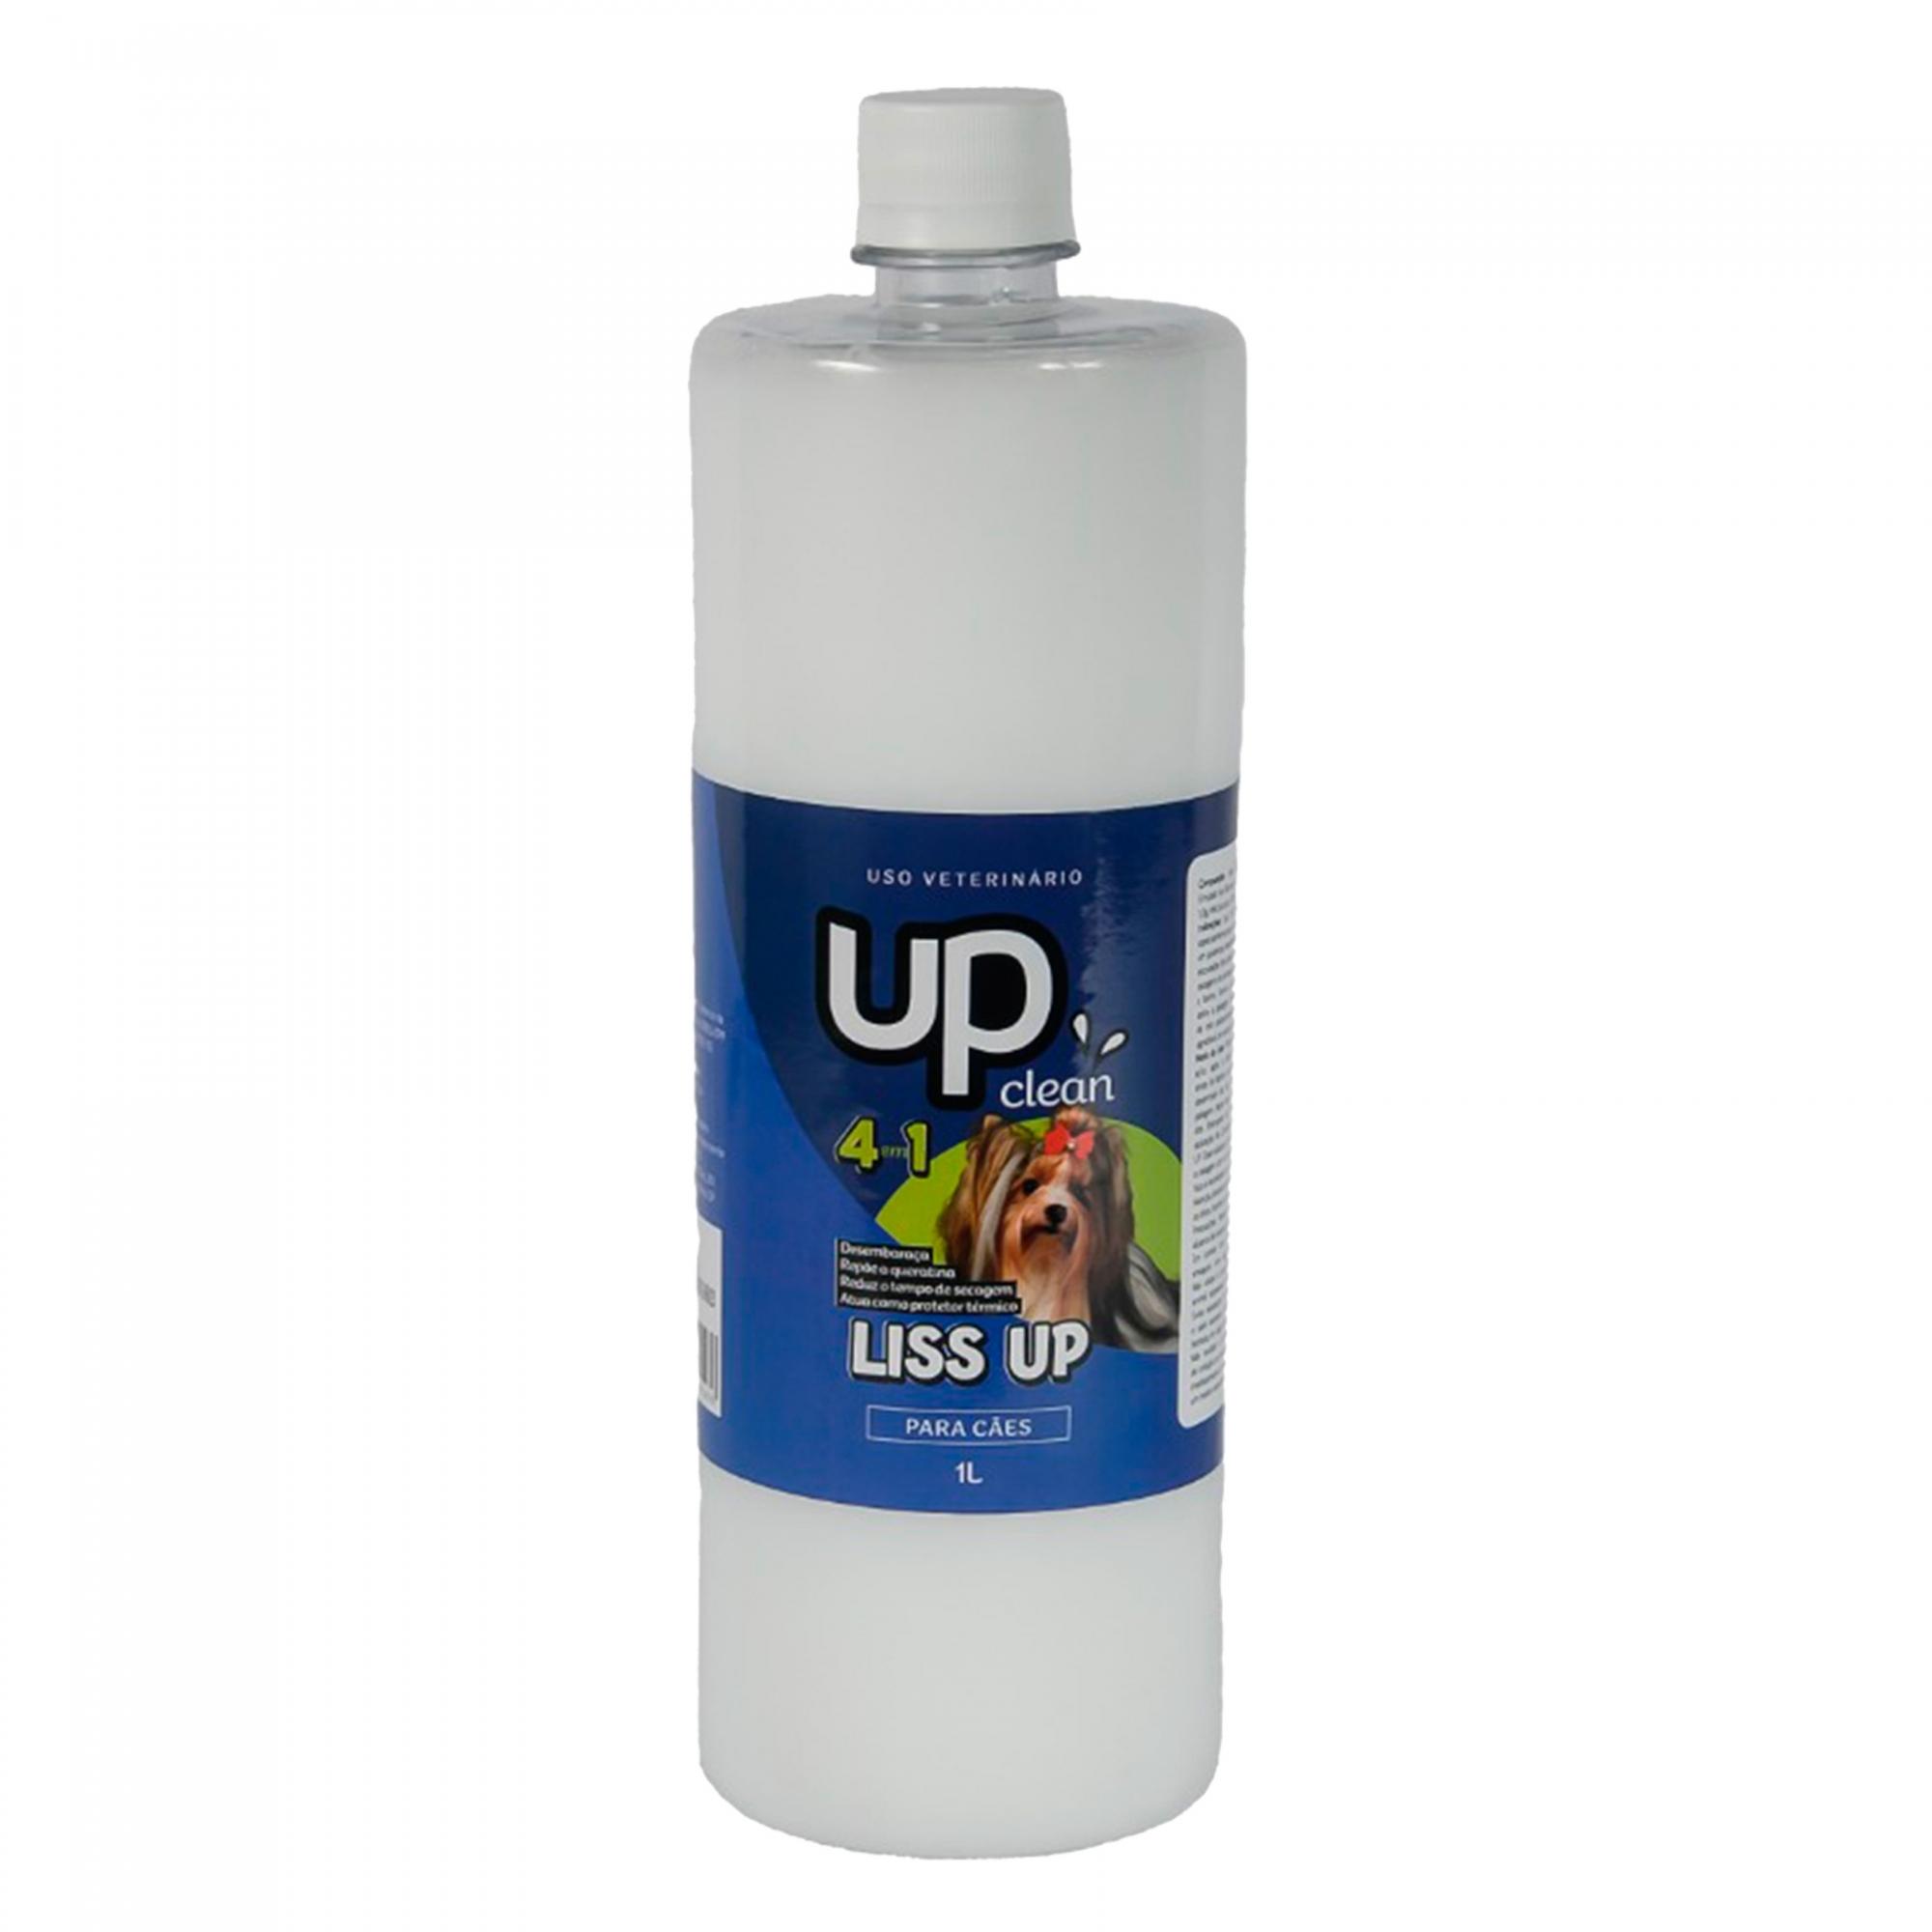 Liss Up 1 Litro - Up Clean - 4 em 1 desembaraçador para cães